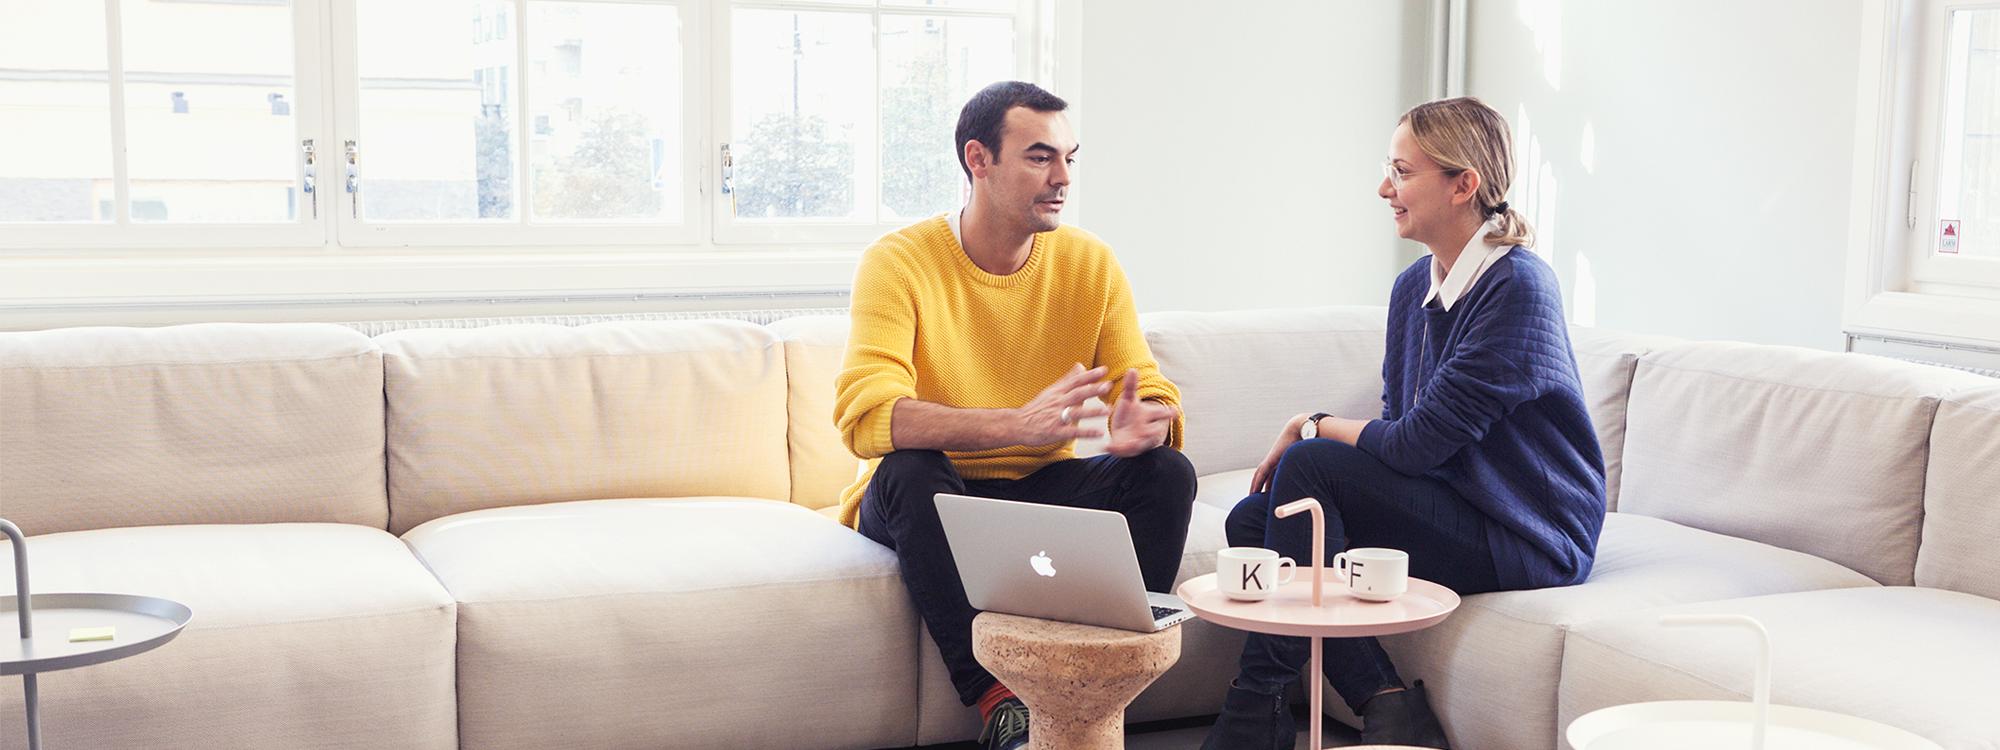 How to find your design mentor | Inside Design Blog